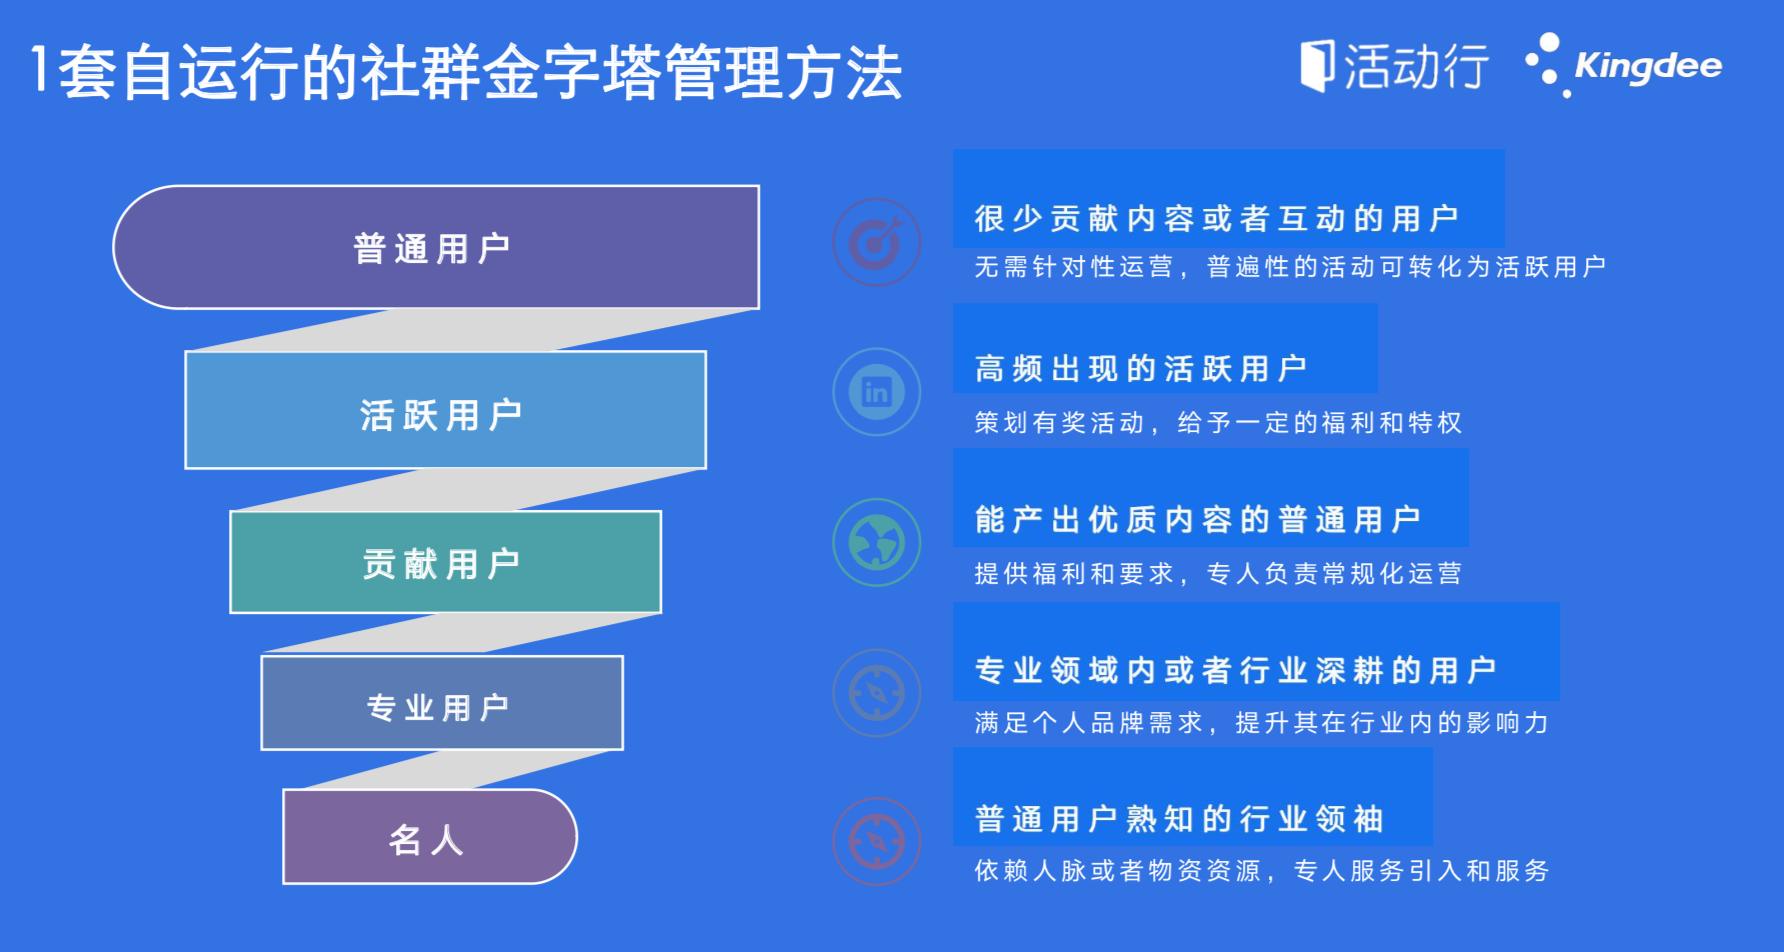 一分时时彩,用户一分时时彩,大发3d行,用户研究,用户一分时时彩,社群一分时时彩,转化